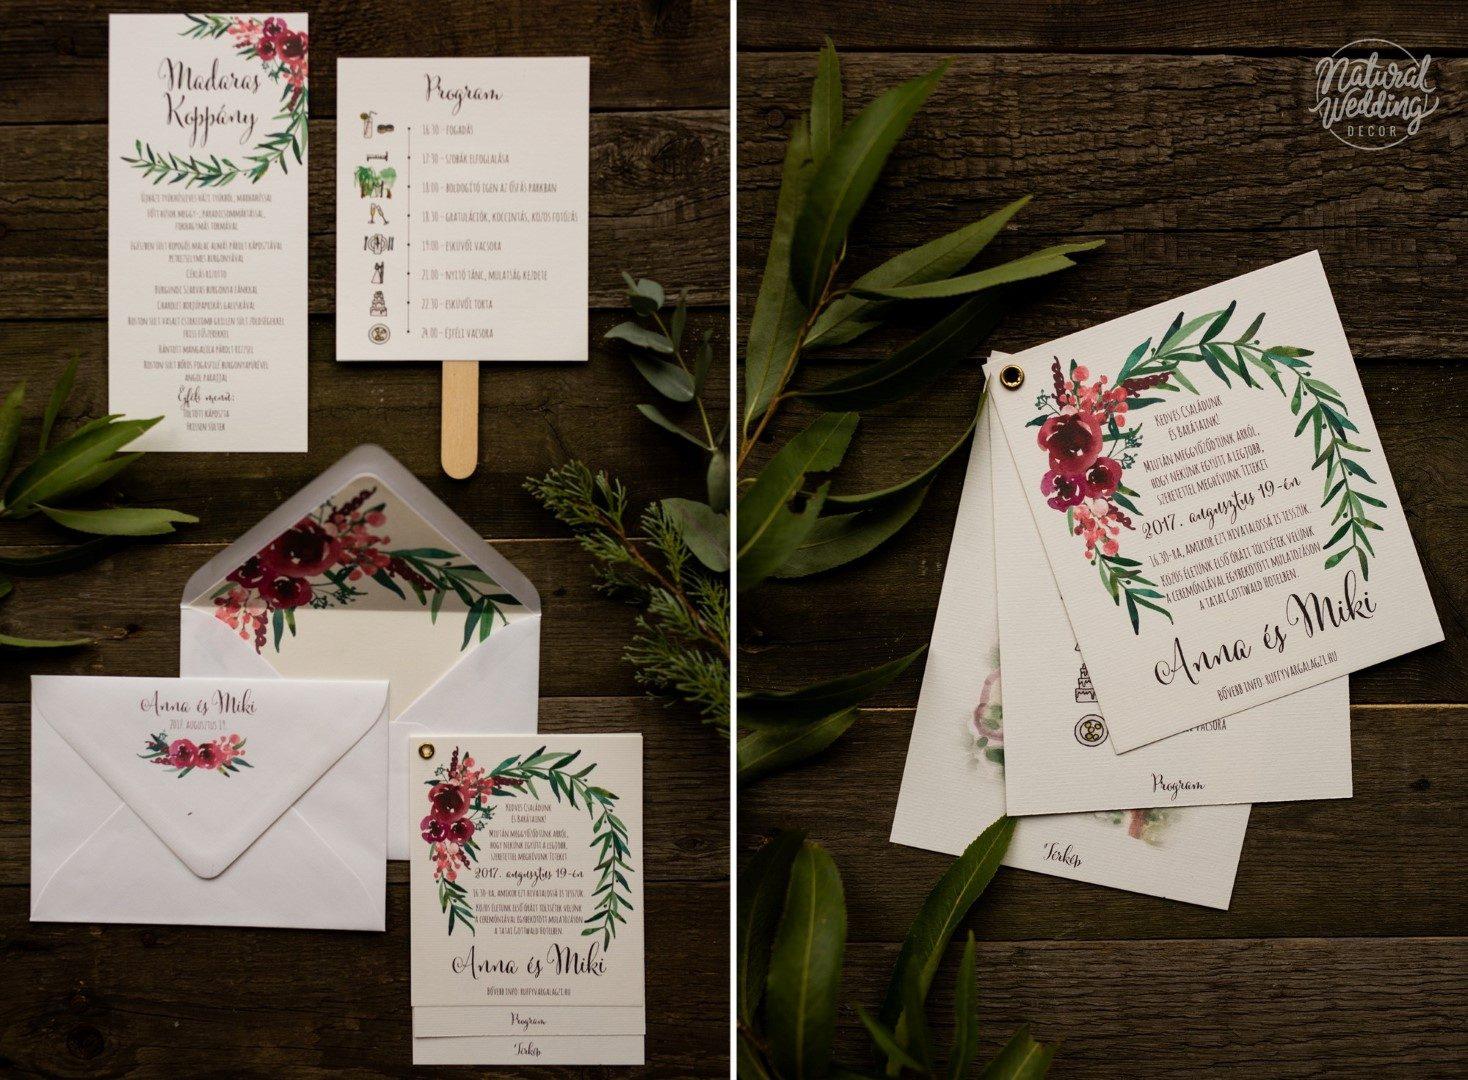 59b8ce5b8a Milyen legyen az esküvői meghívó? – Tippek, trendek, ötletek & inspirációk